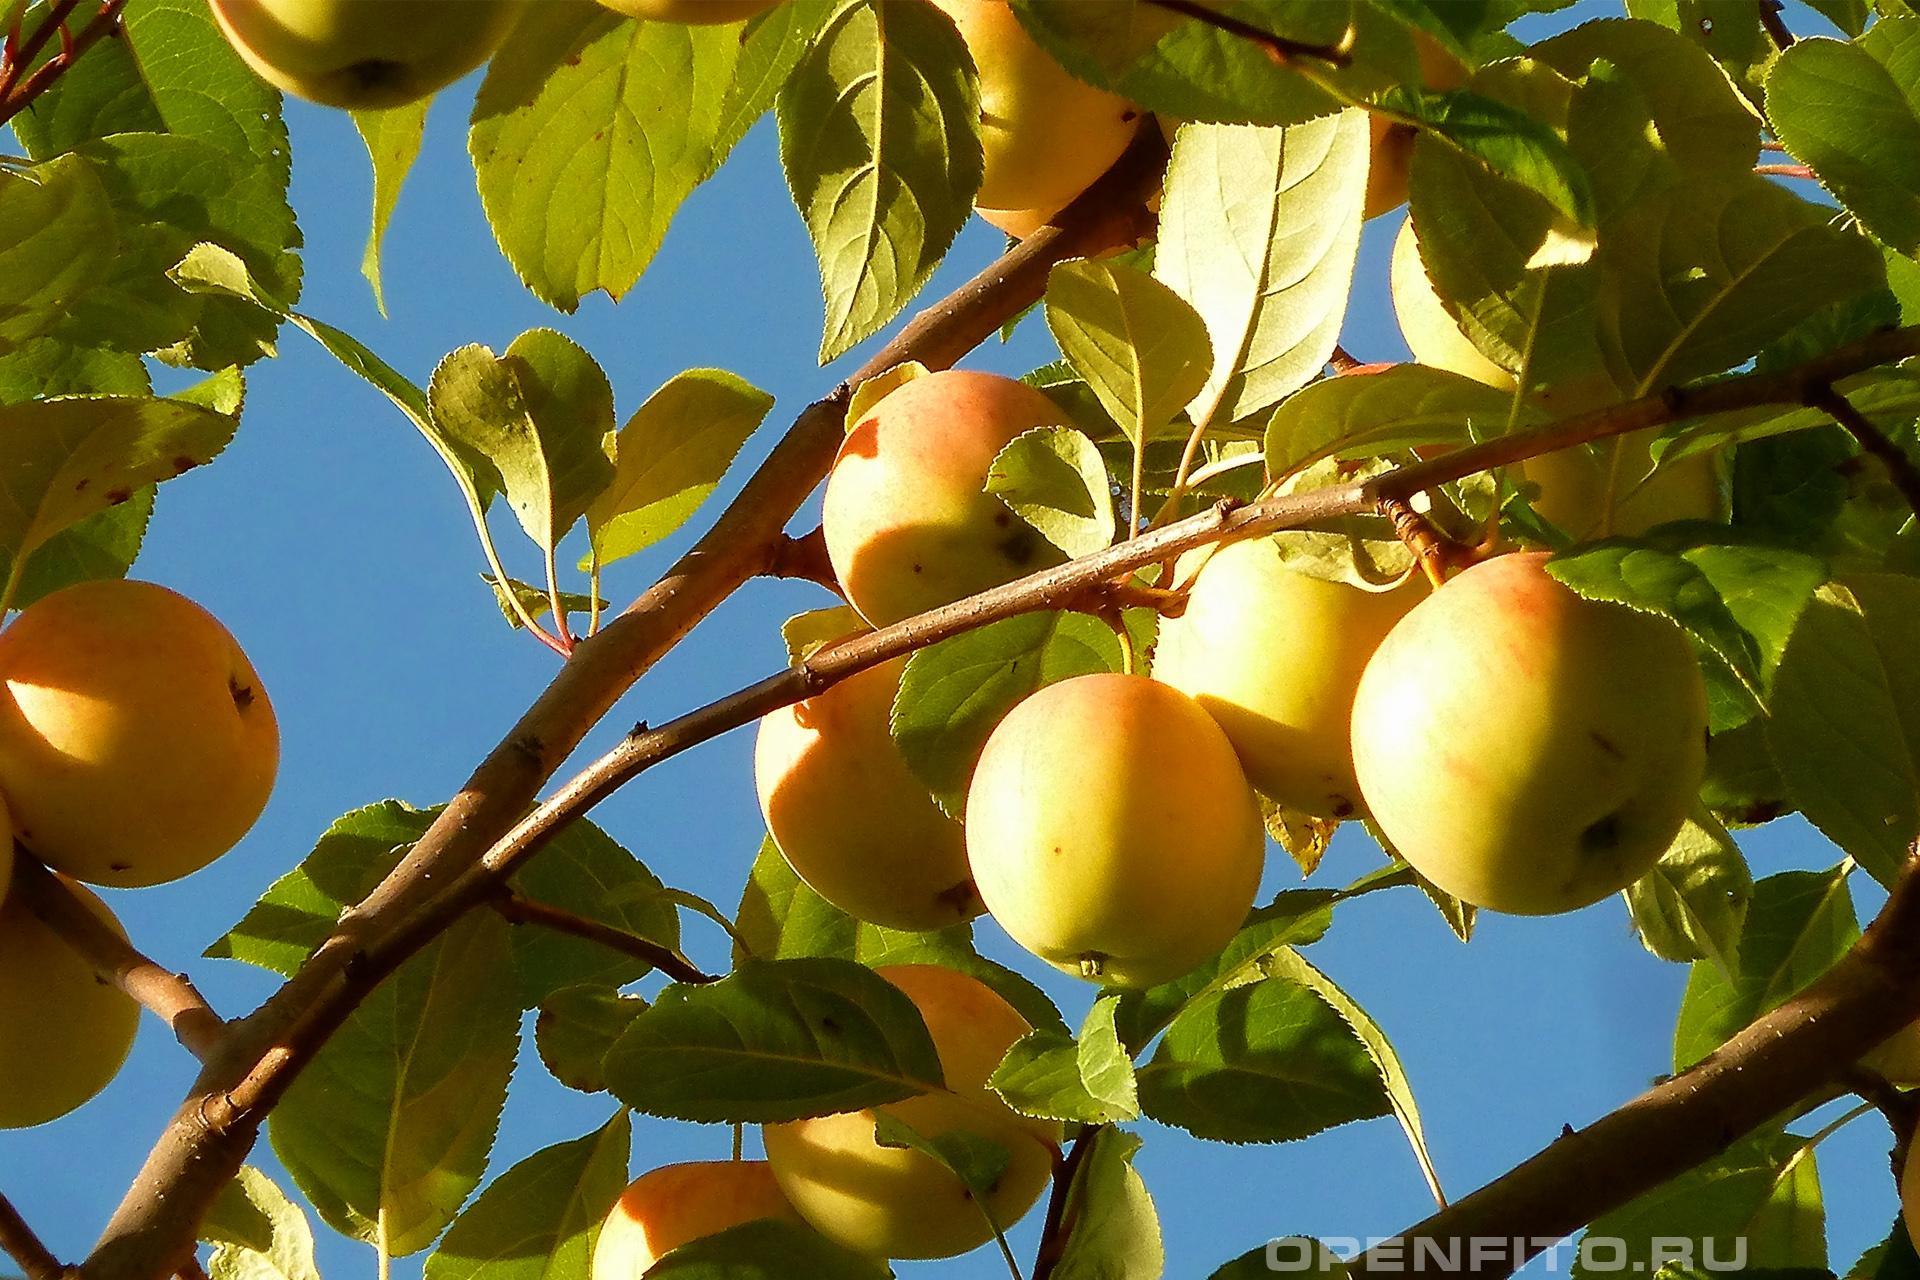 Яблоня спелые яблоки